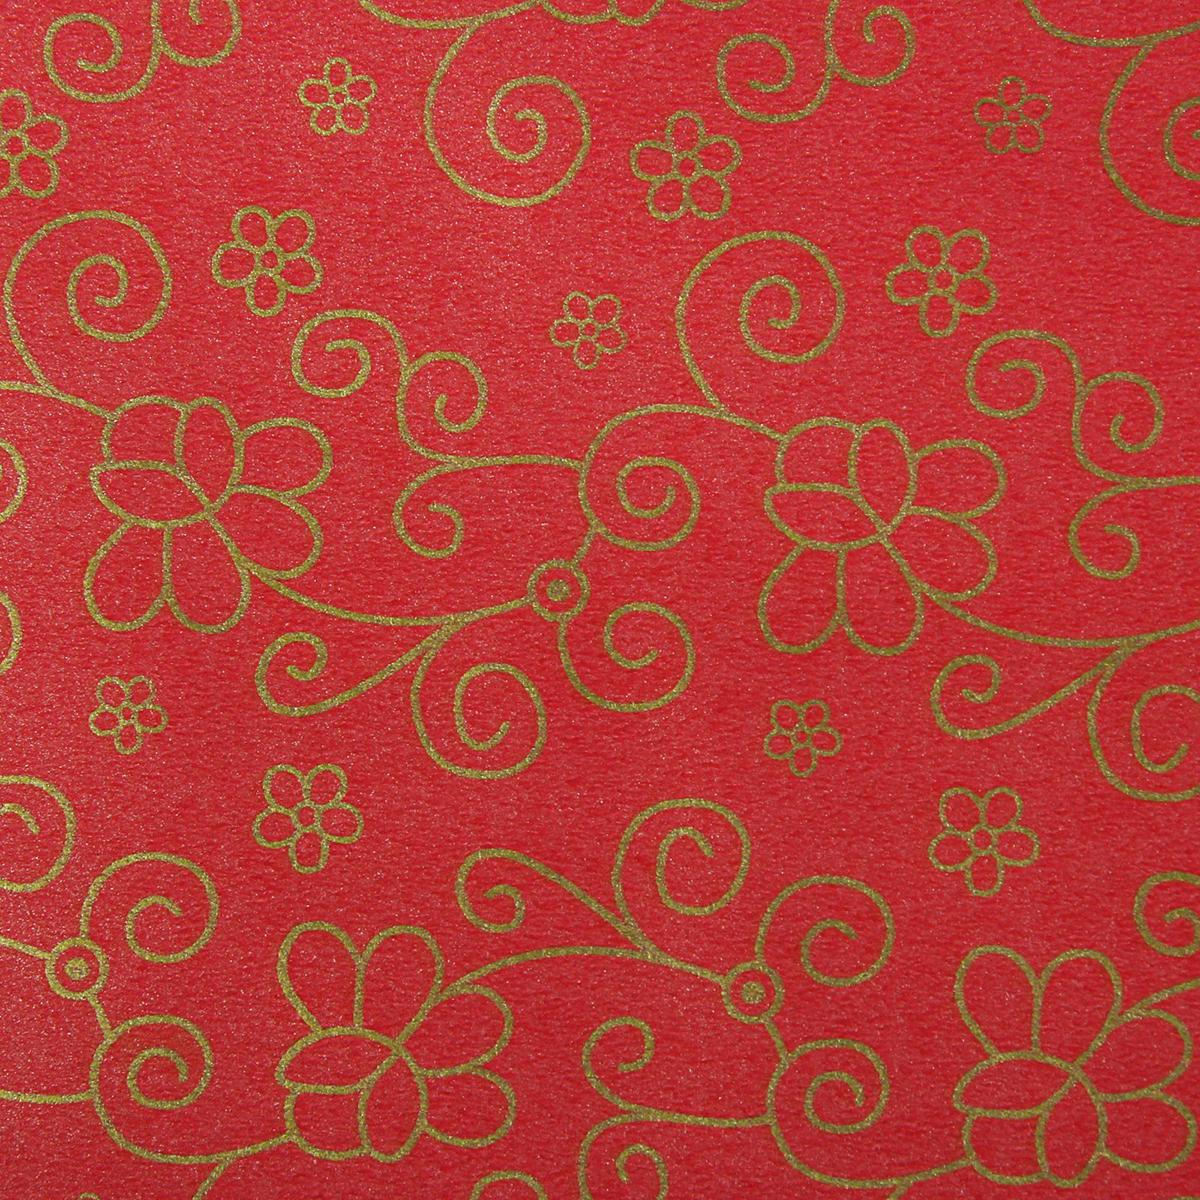 Бумага упаковочная Цветы, 53 см х 10 м. 29663462966346Любой подарок начинается с упаковки. Что может быть трогательнее и волшебнее, чем ритуал разворачивания полученного презента. И именно оригинальная, со вкусом выбранная упаковка выделит ваш подарок из массы других. Она продемонстрирует самые тёплые чувства к виновнику торжества и создаст сказочную атмосферу праздника. — это то, что вы искали.